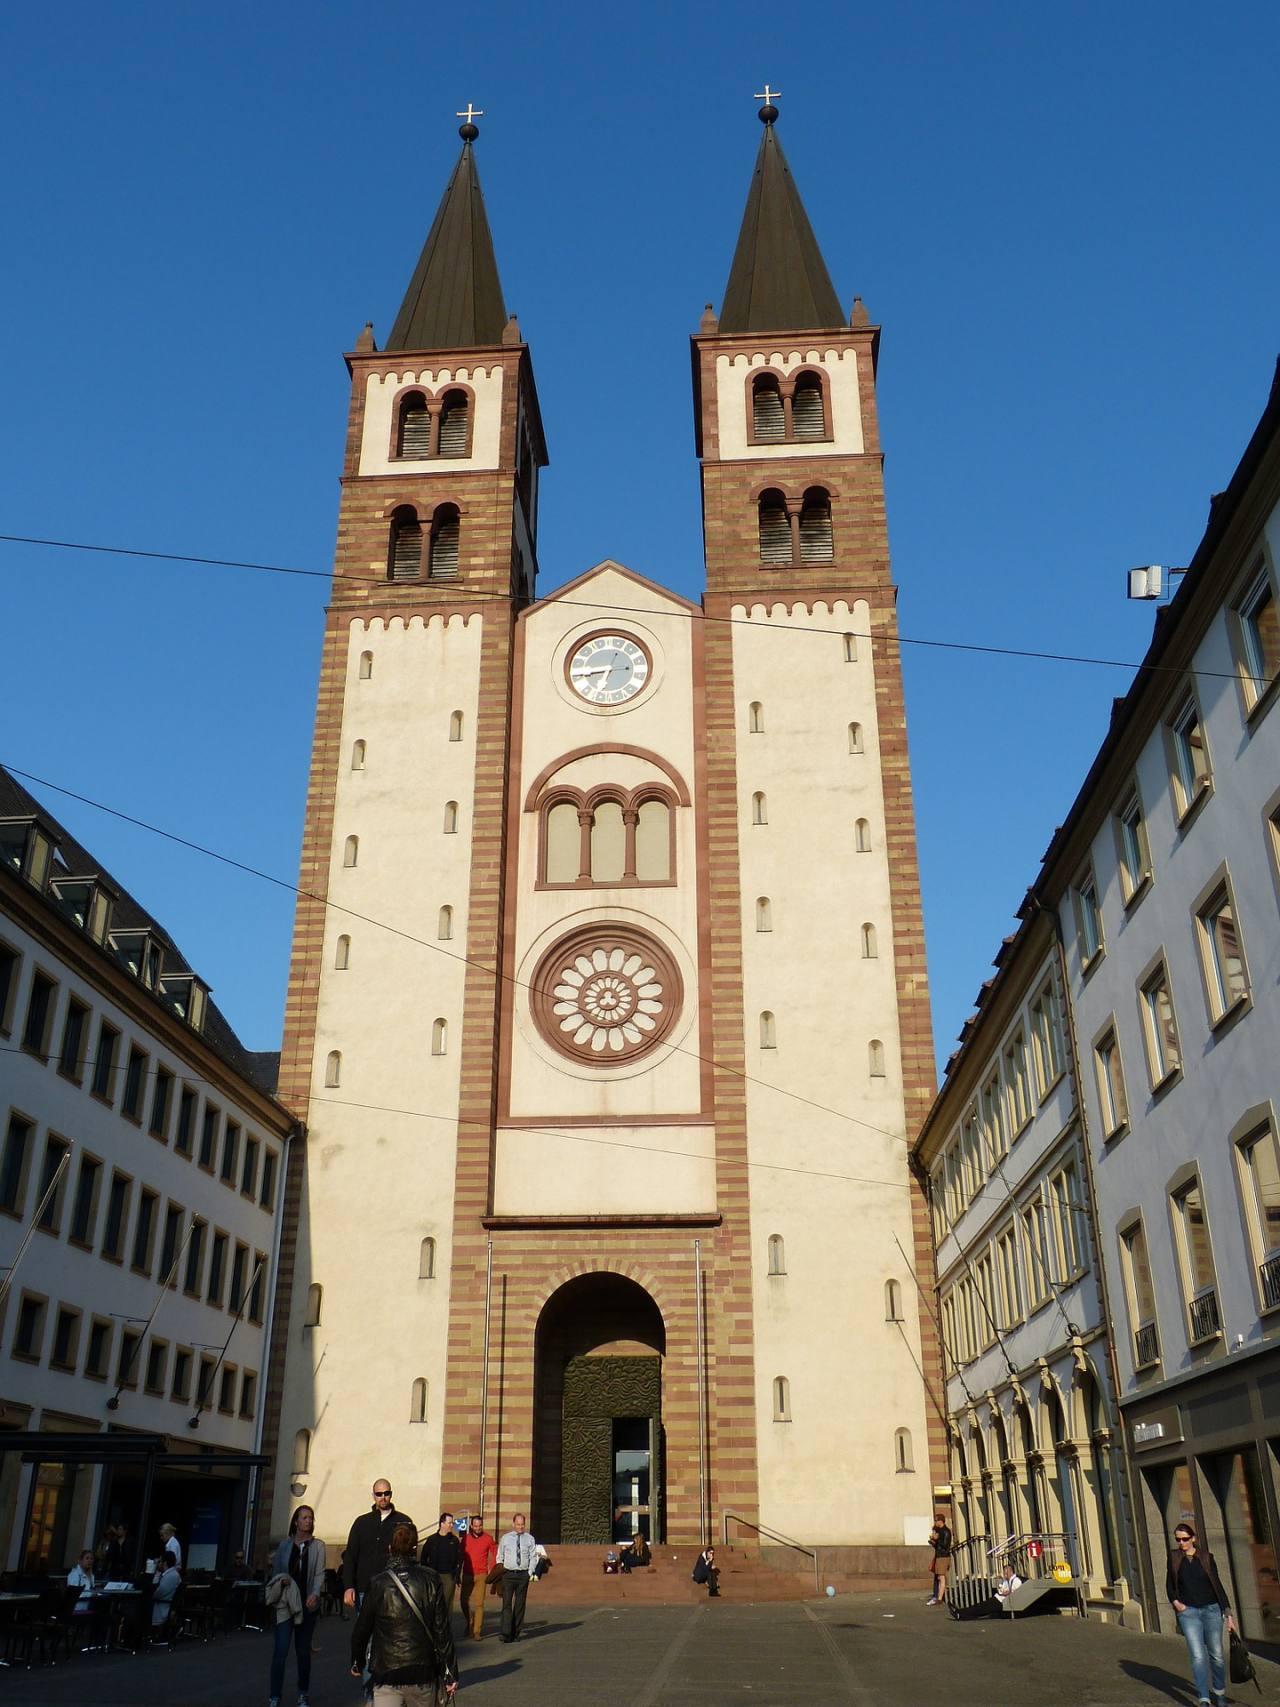 Würzburg Cathedral, Würzburg, Germany